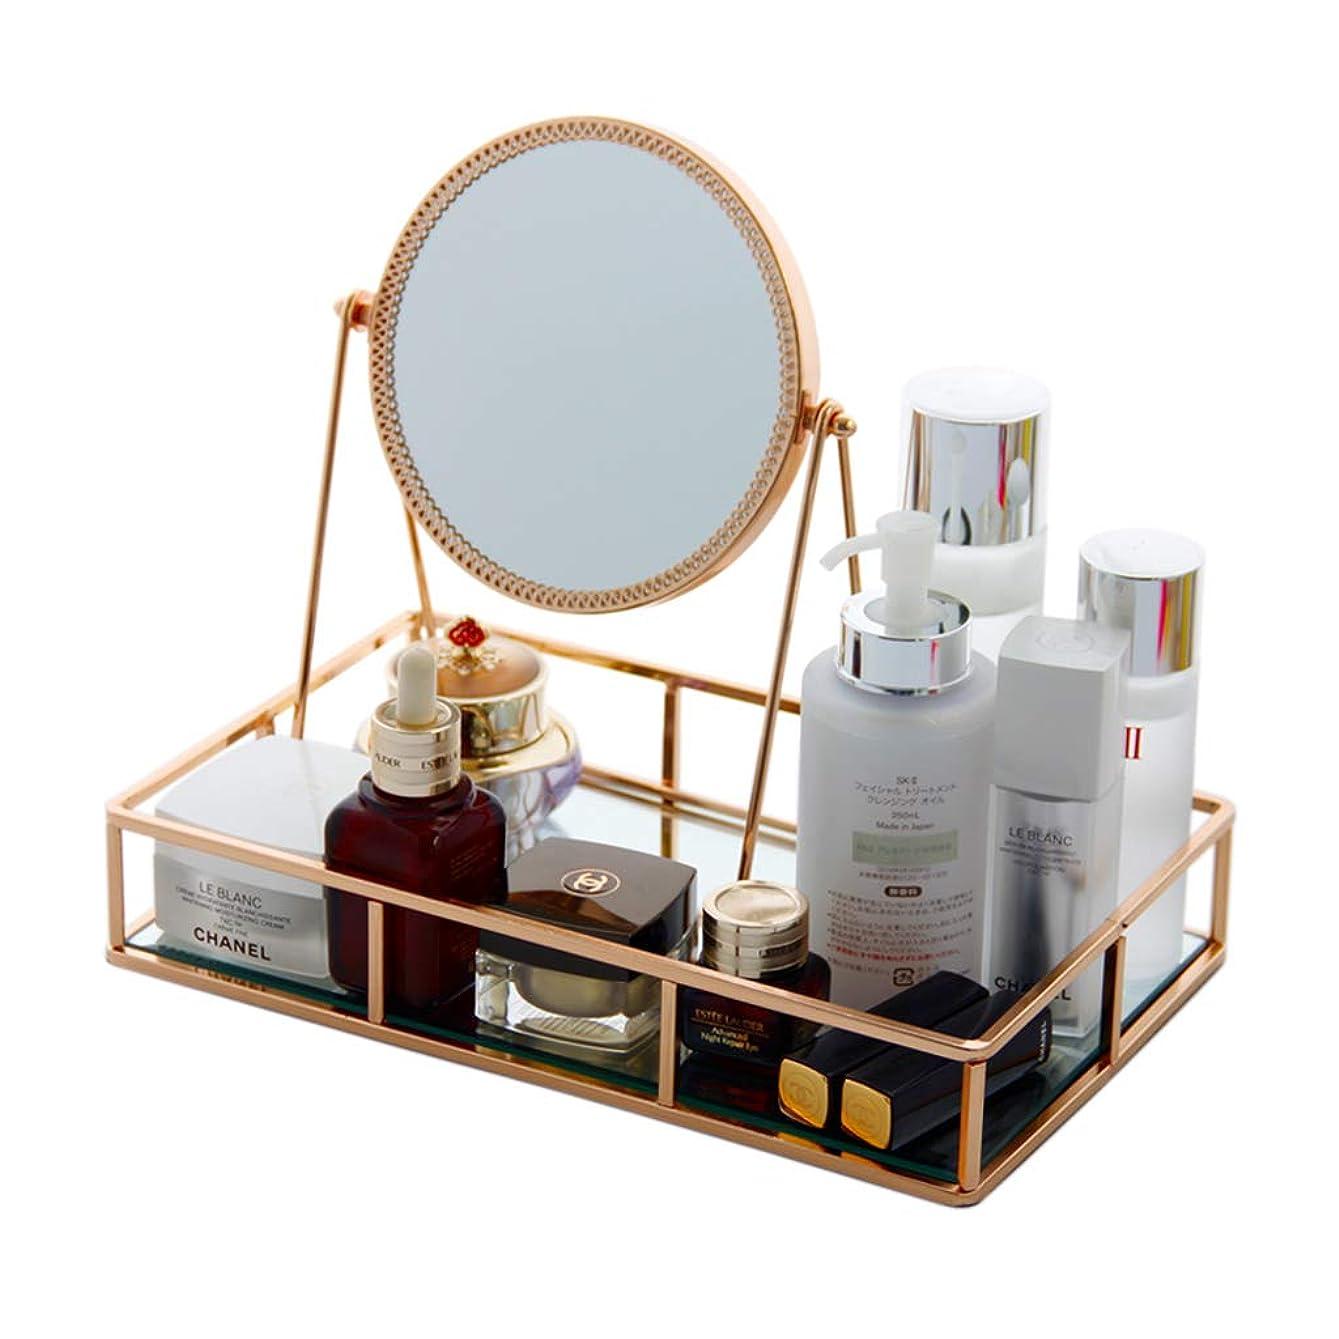 会議マージデータム化粧品収納ボックスシンプルミラーガラス化粧品収納トレイドレッシングテーブルジュエリートレイ表示収納ボックス (Color : GOLD, Size : 30*18.5*25CM)